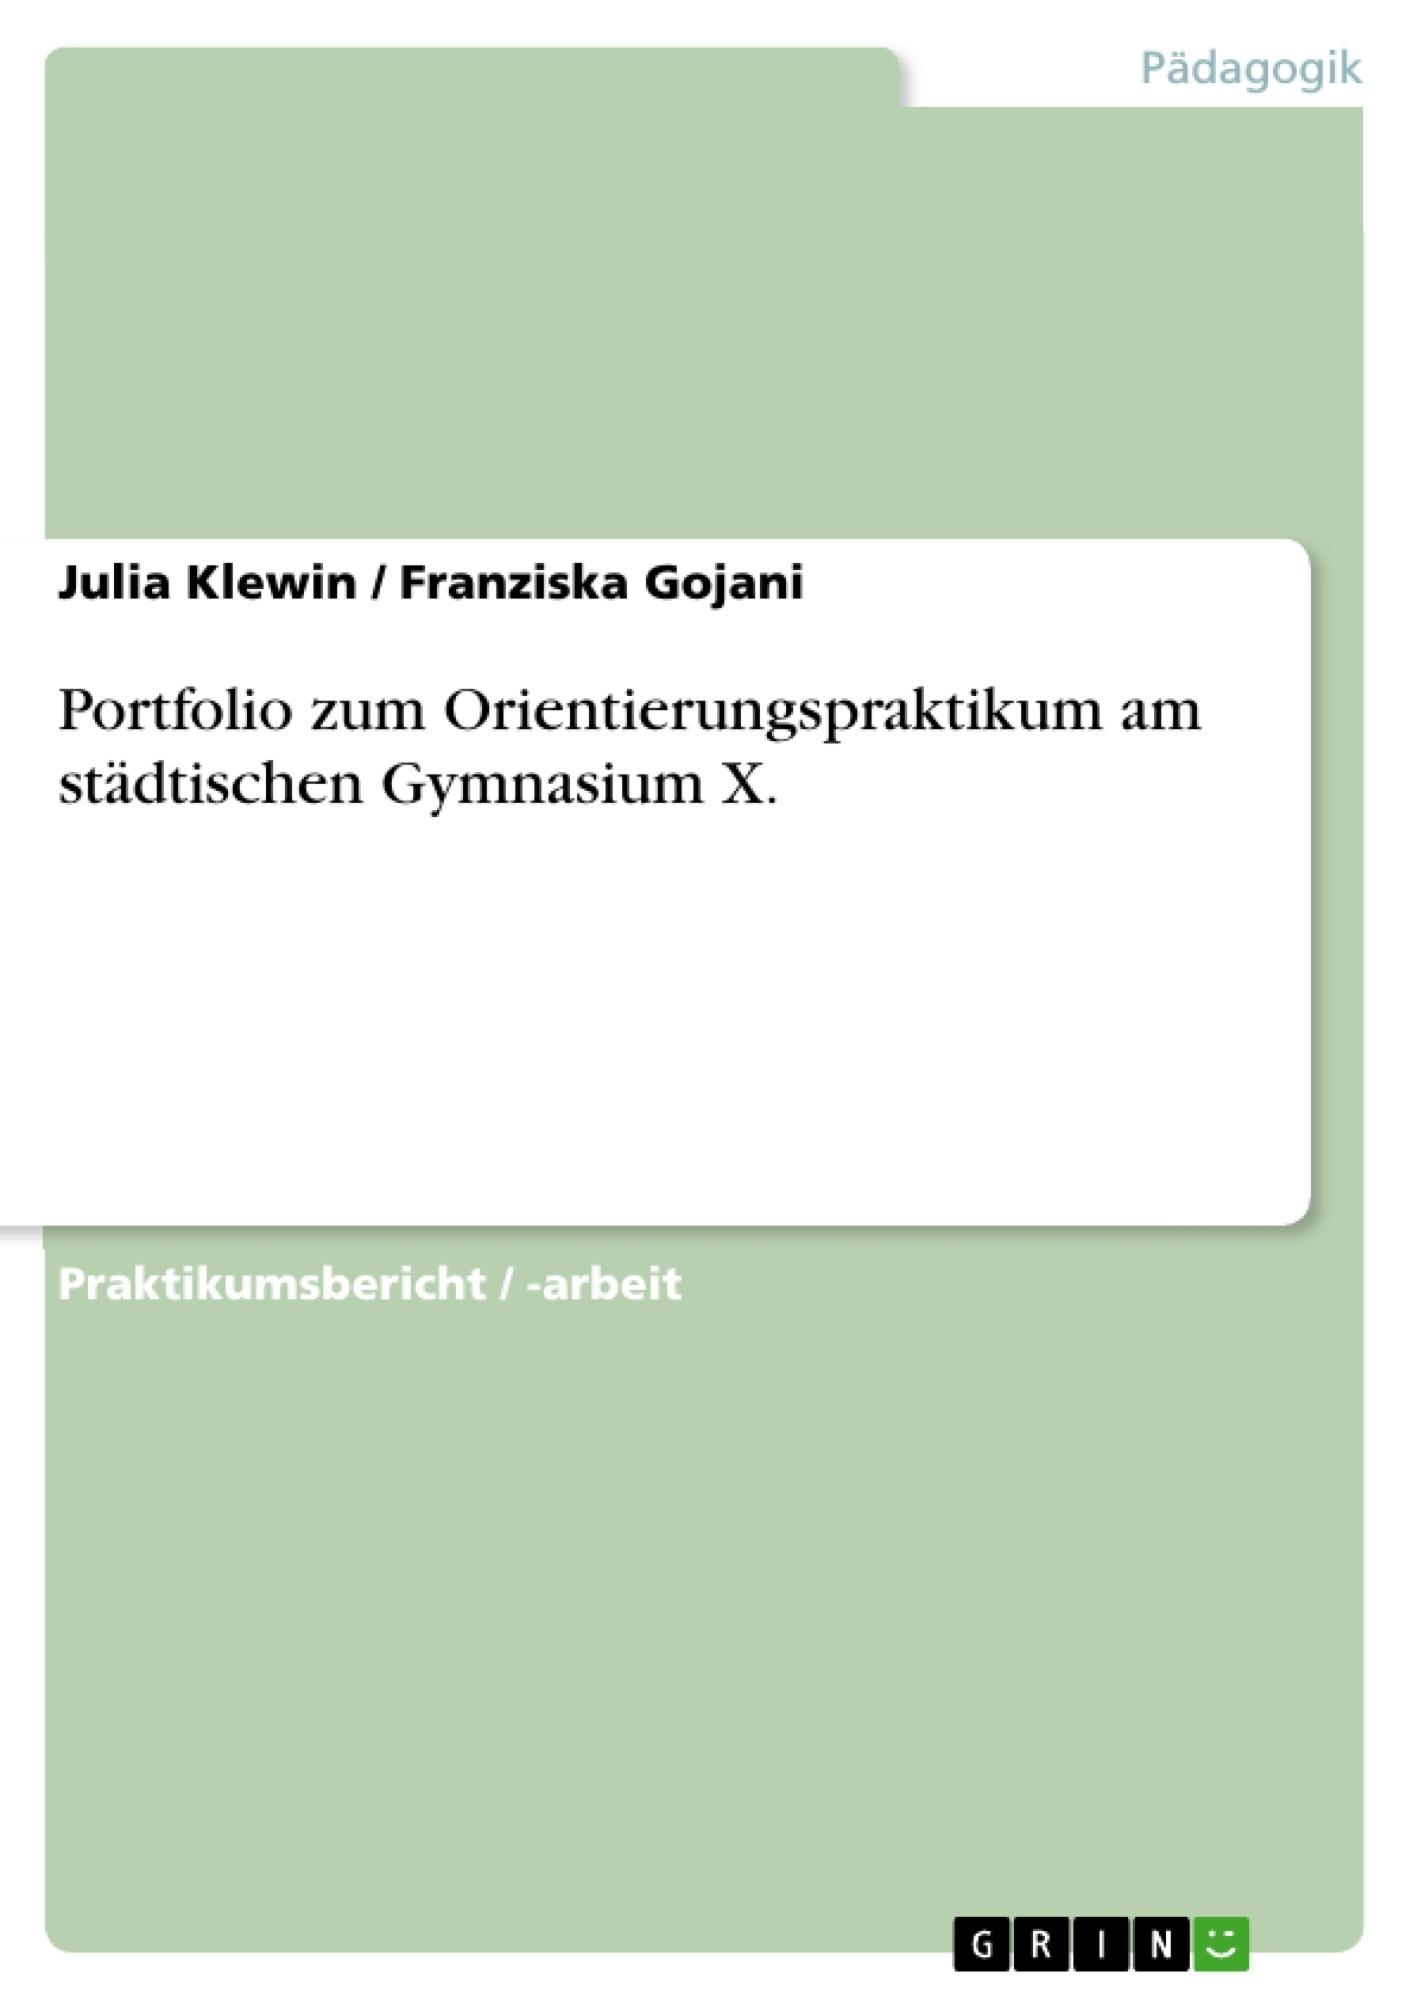 Titel: Portfolio zum Orientierungspraktikum am städtischen Gymnasium X.